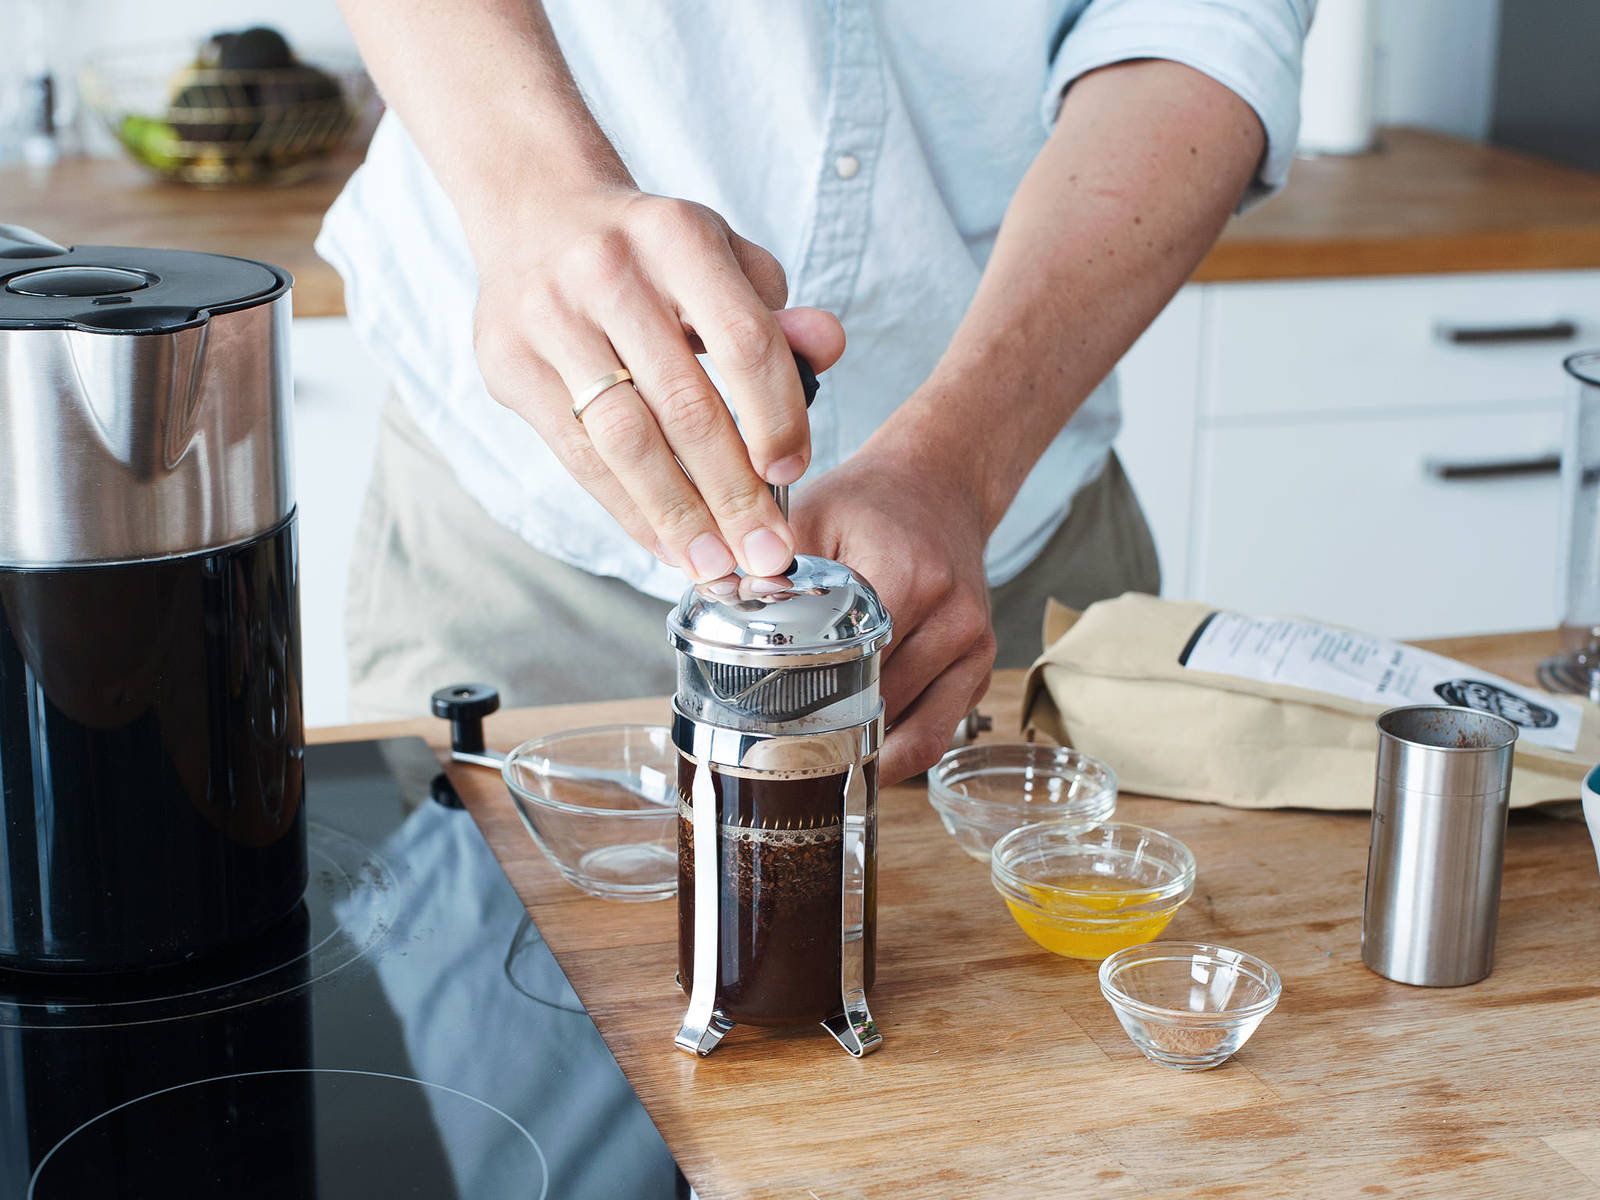 从浓缩咖啡壶或法压壶中选择你偏好的方式,用过滤好的水冲煮咖啡。